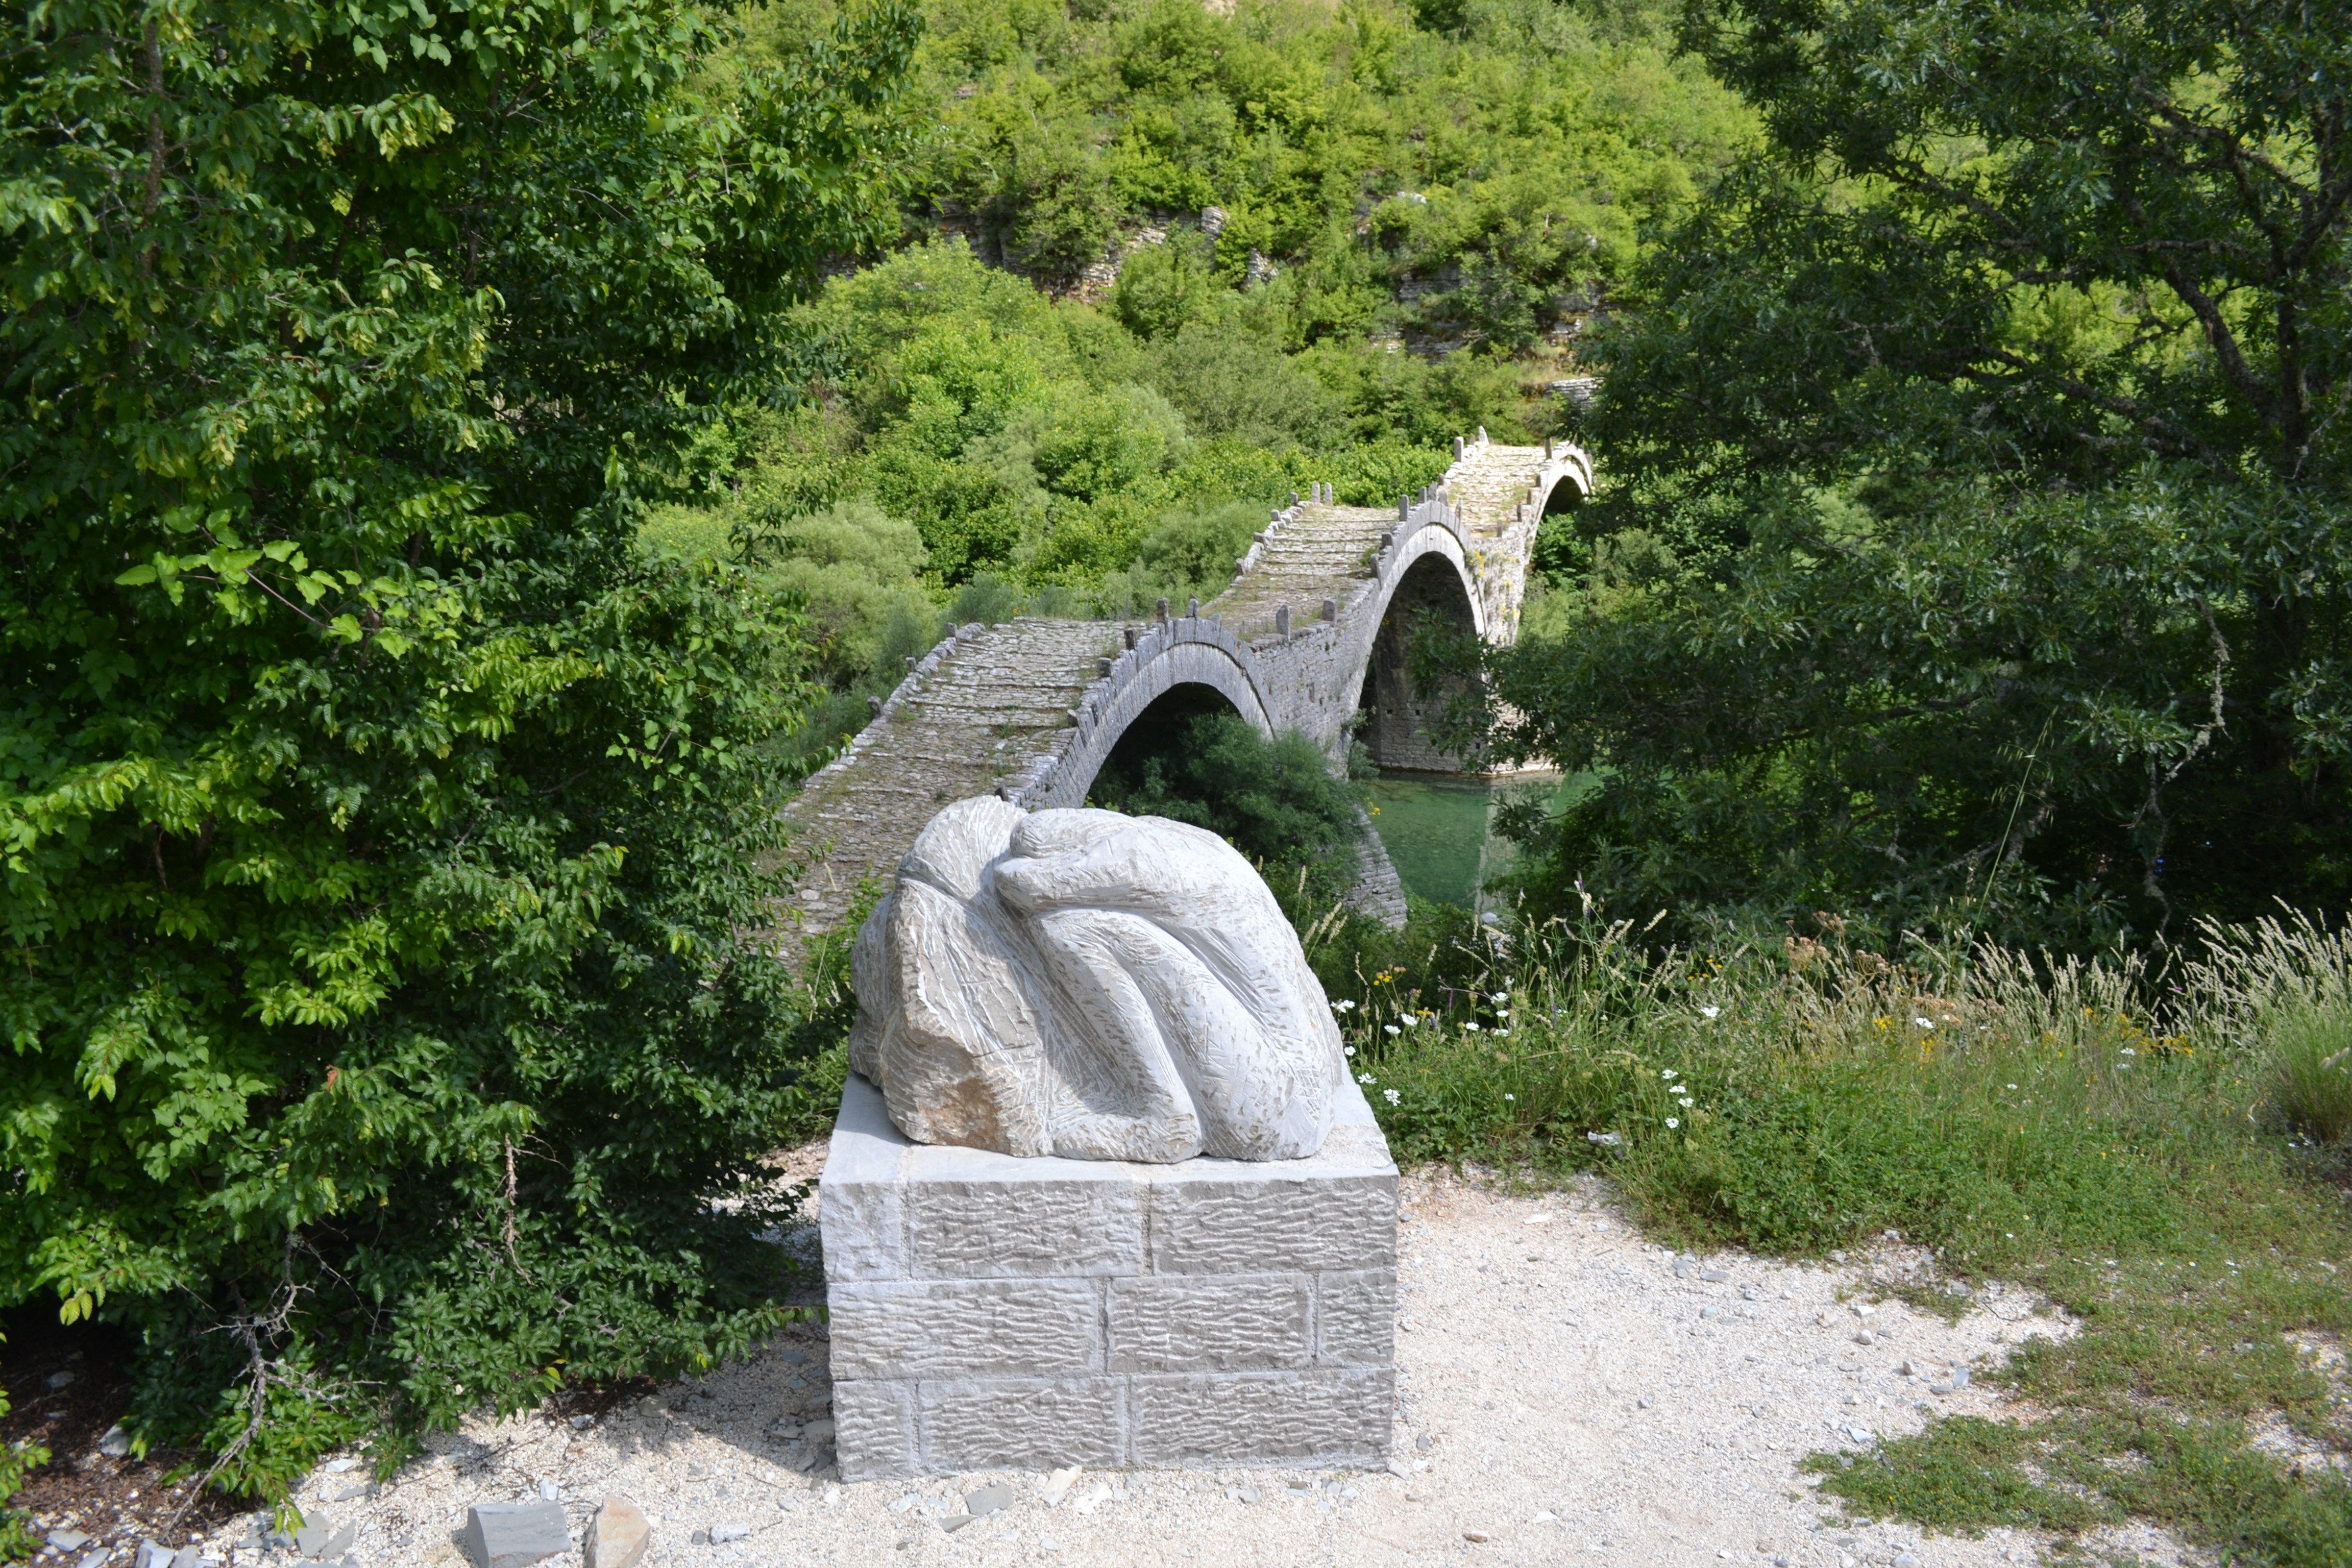 prachtige bruggen;  gebouwd in het Zagoria gebied.